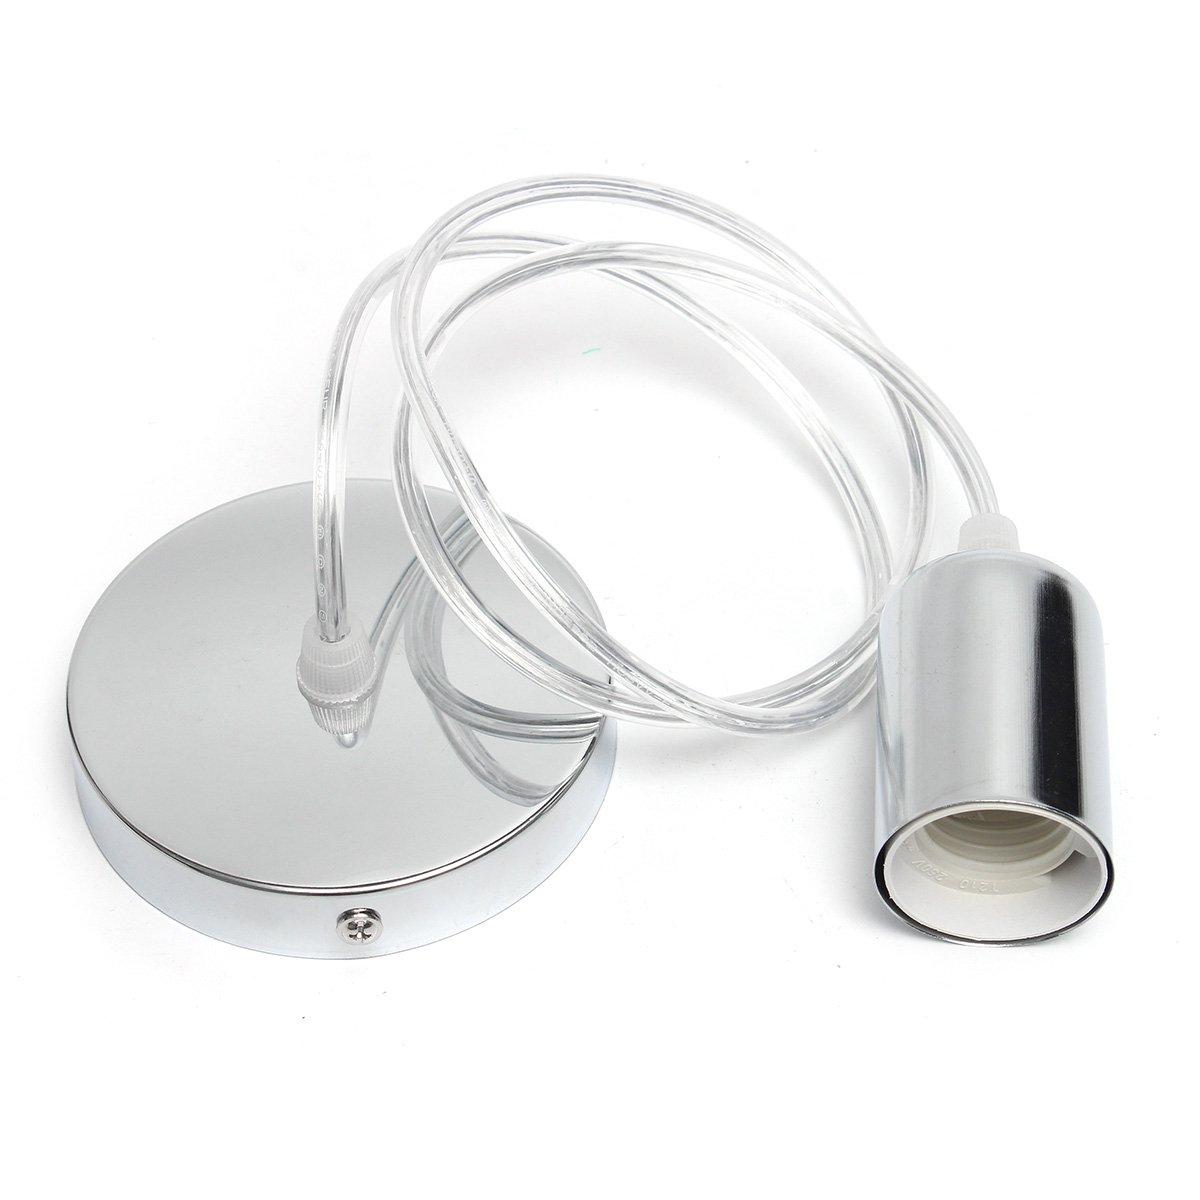 Cable para Luz Lámpara del Techo, EIVOTOR 1 metro E27 Portalámparas, Accesorios de La Lámpara DIY, Aplicable a Grandes Luces Decorativas en Forma de Bola, ...